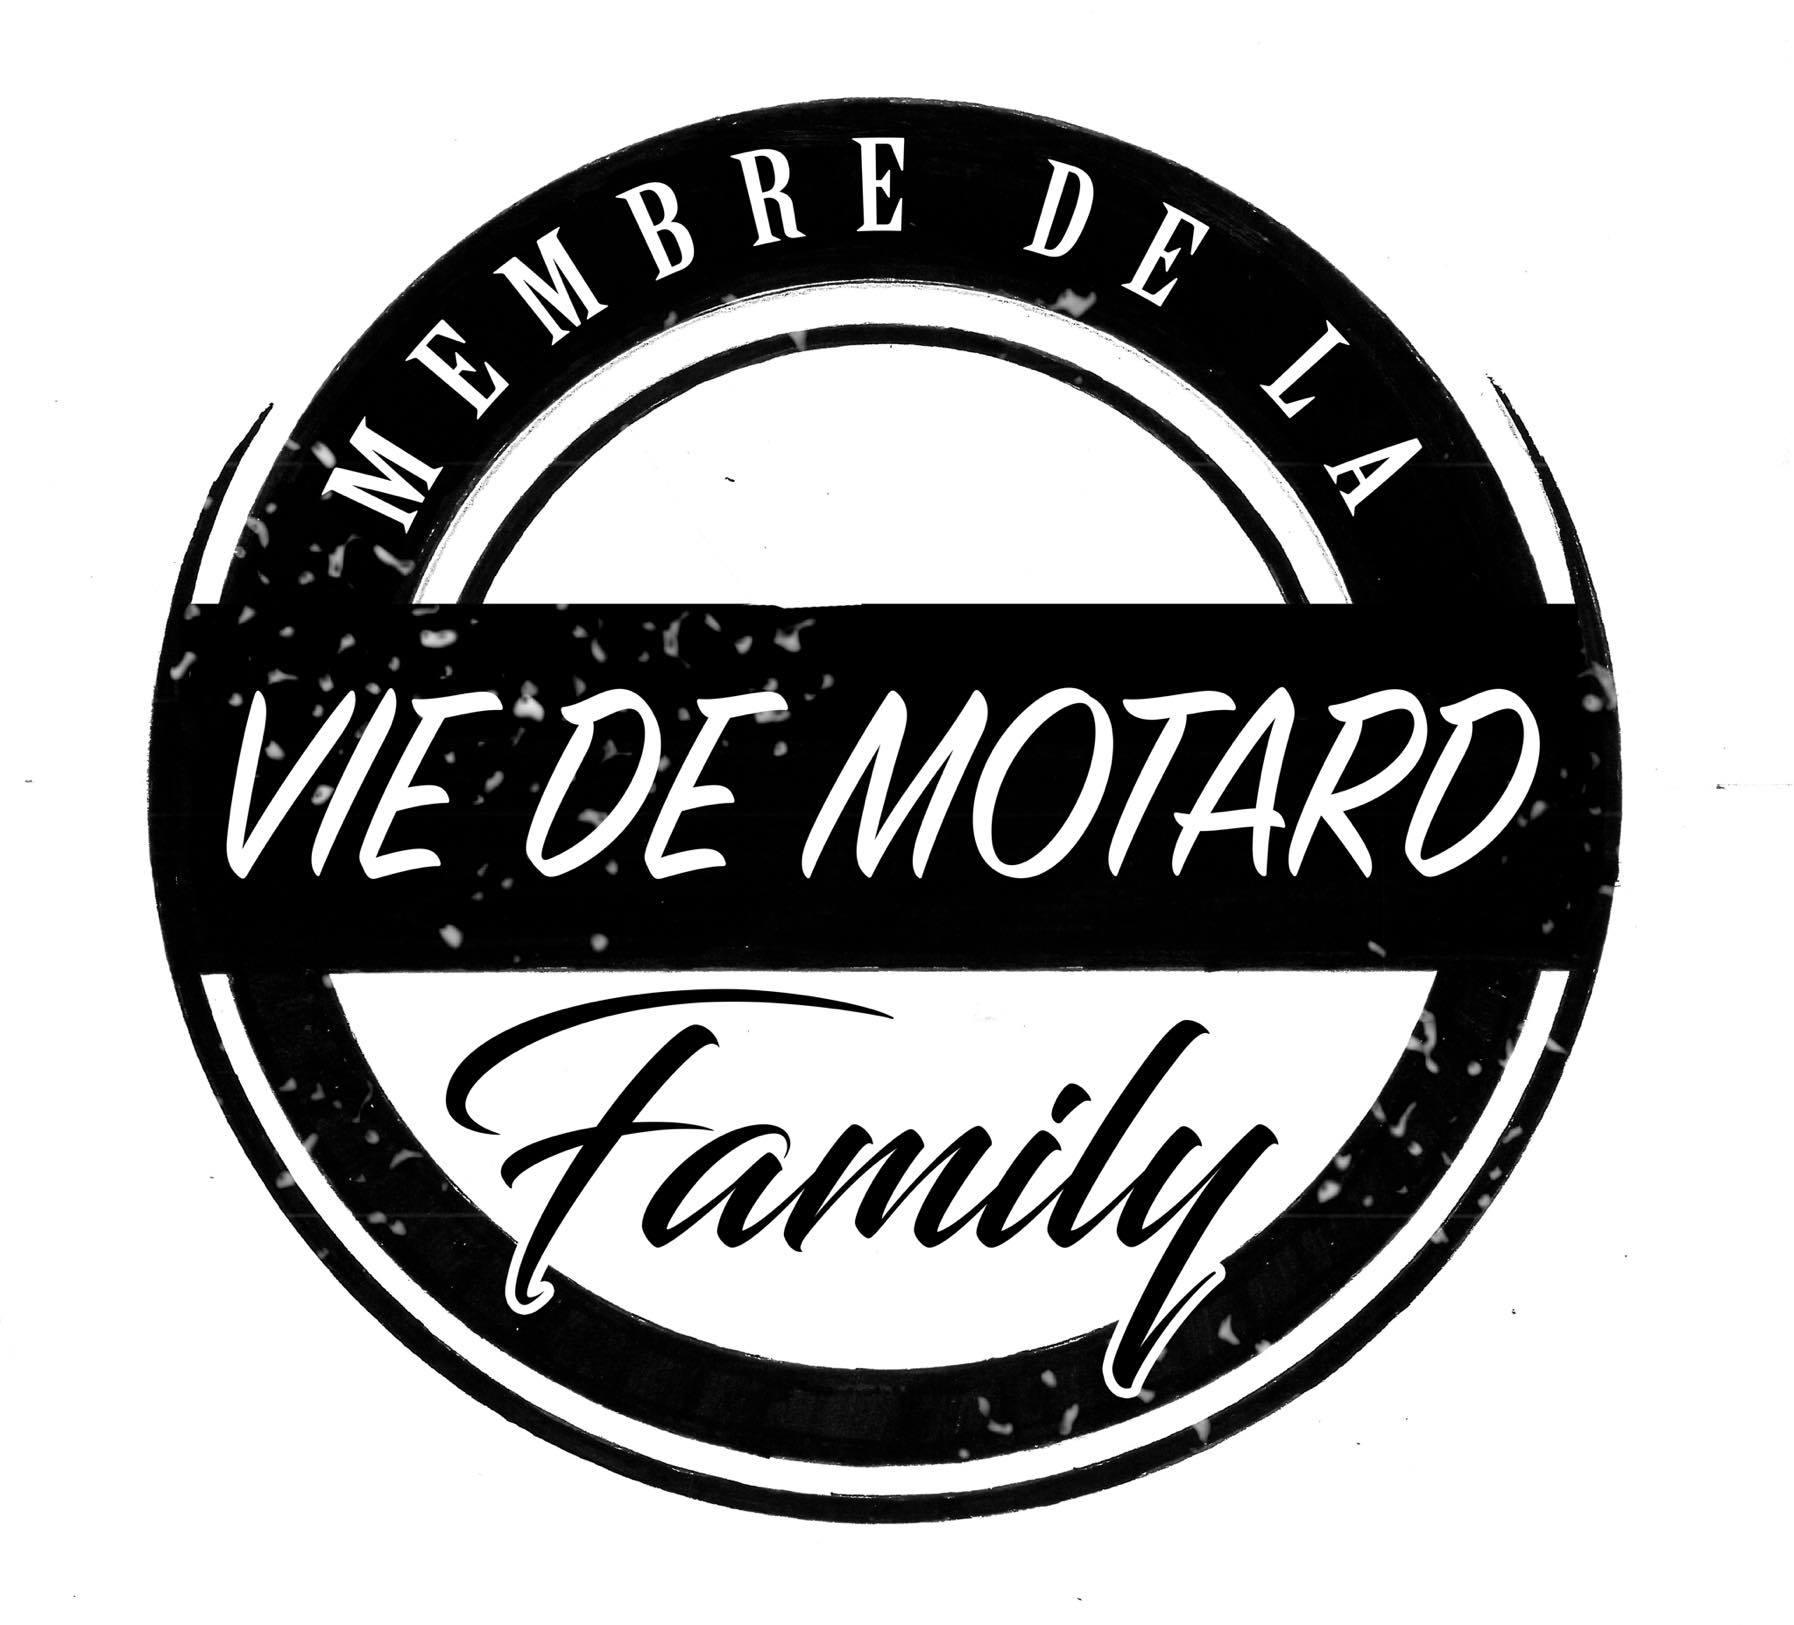 Vie de motard family une franchise libre ind pendante - Dessin de motard ...